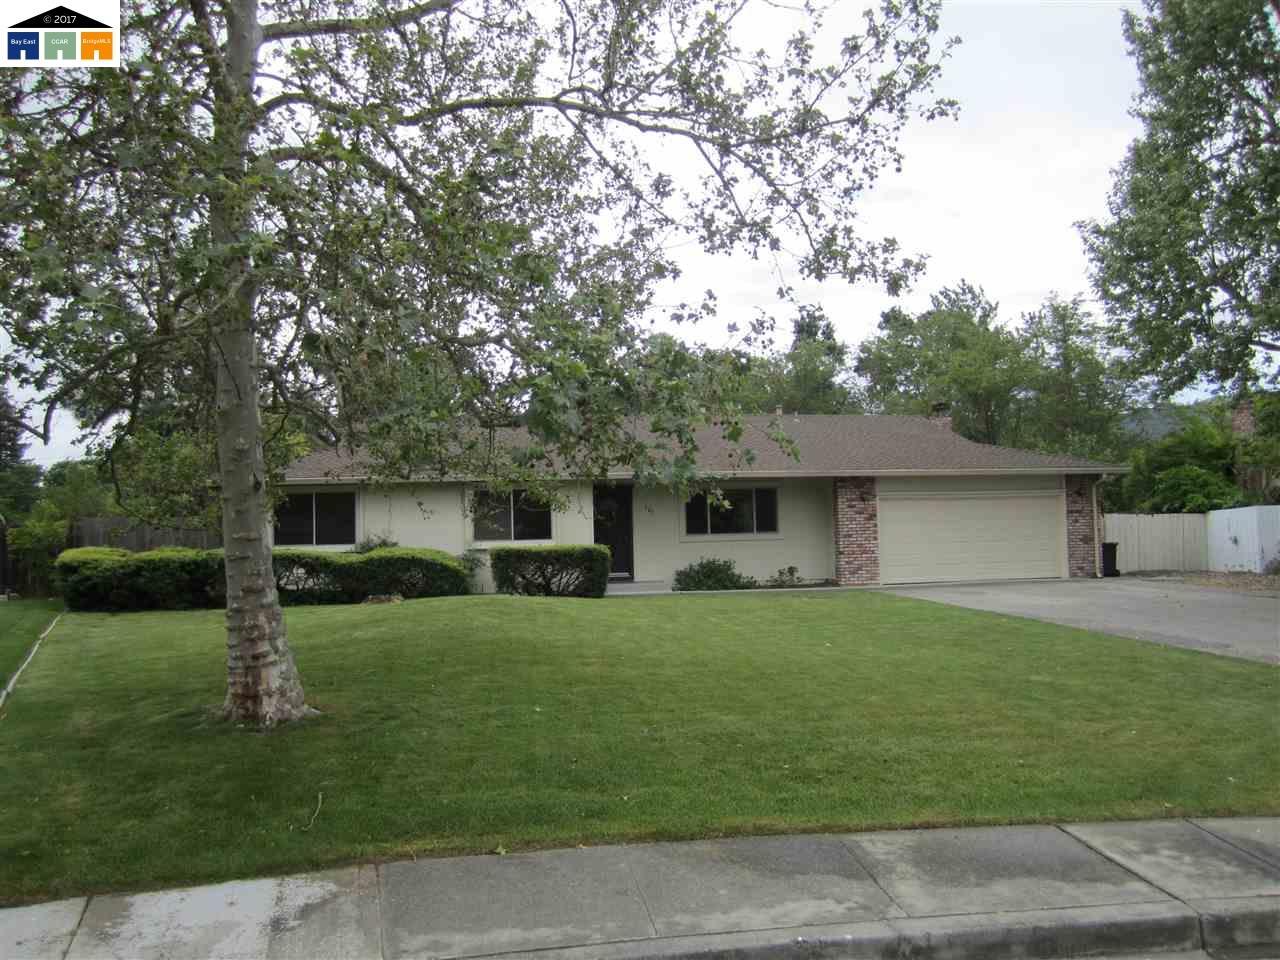 واحد منزل الأسرة للـ Rent في 545 Old Farm Court Danville, California 94526 United States